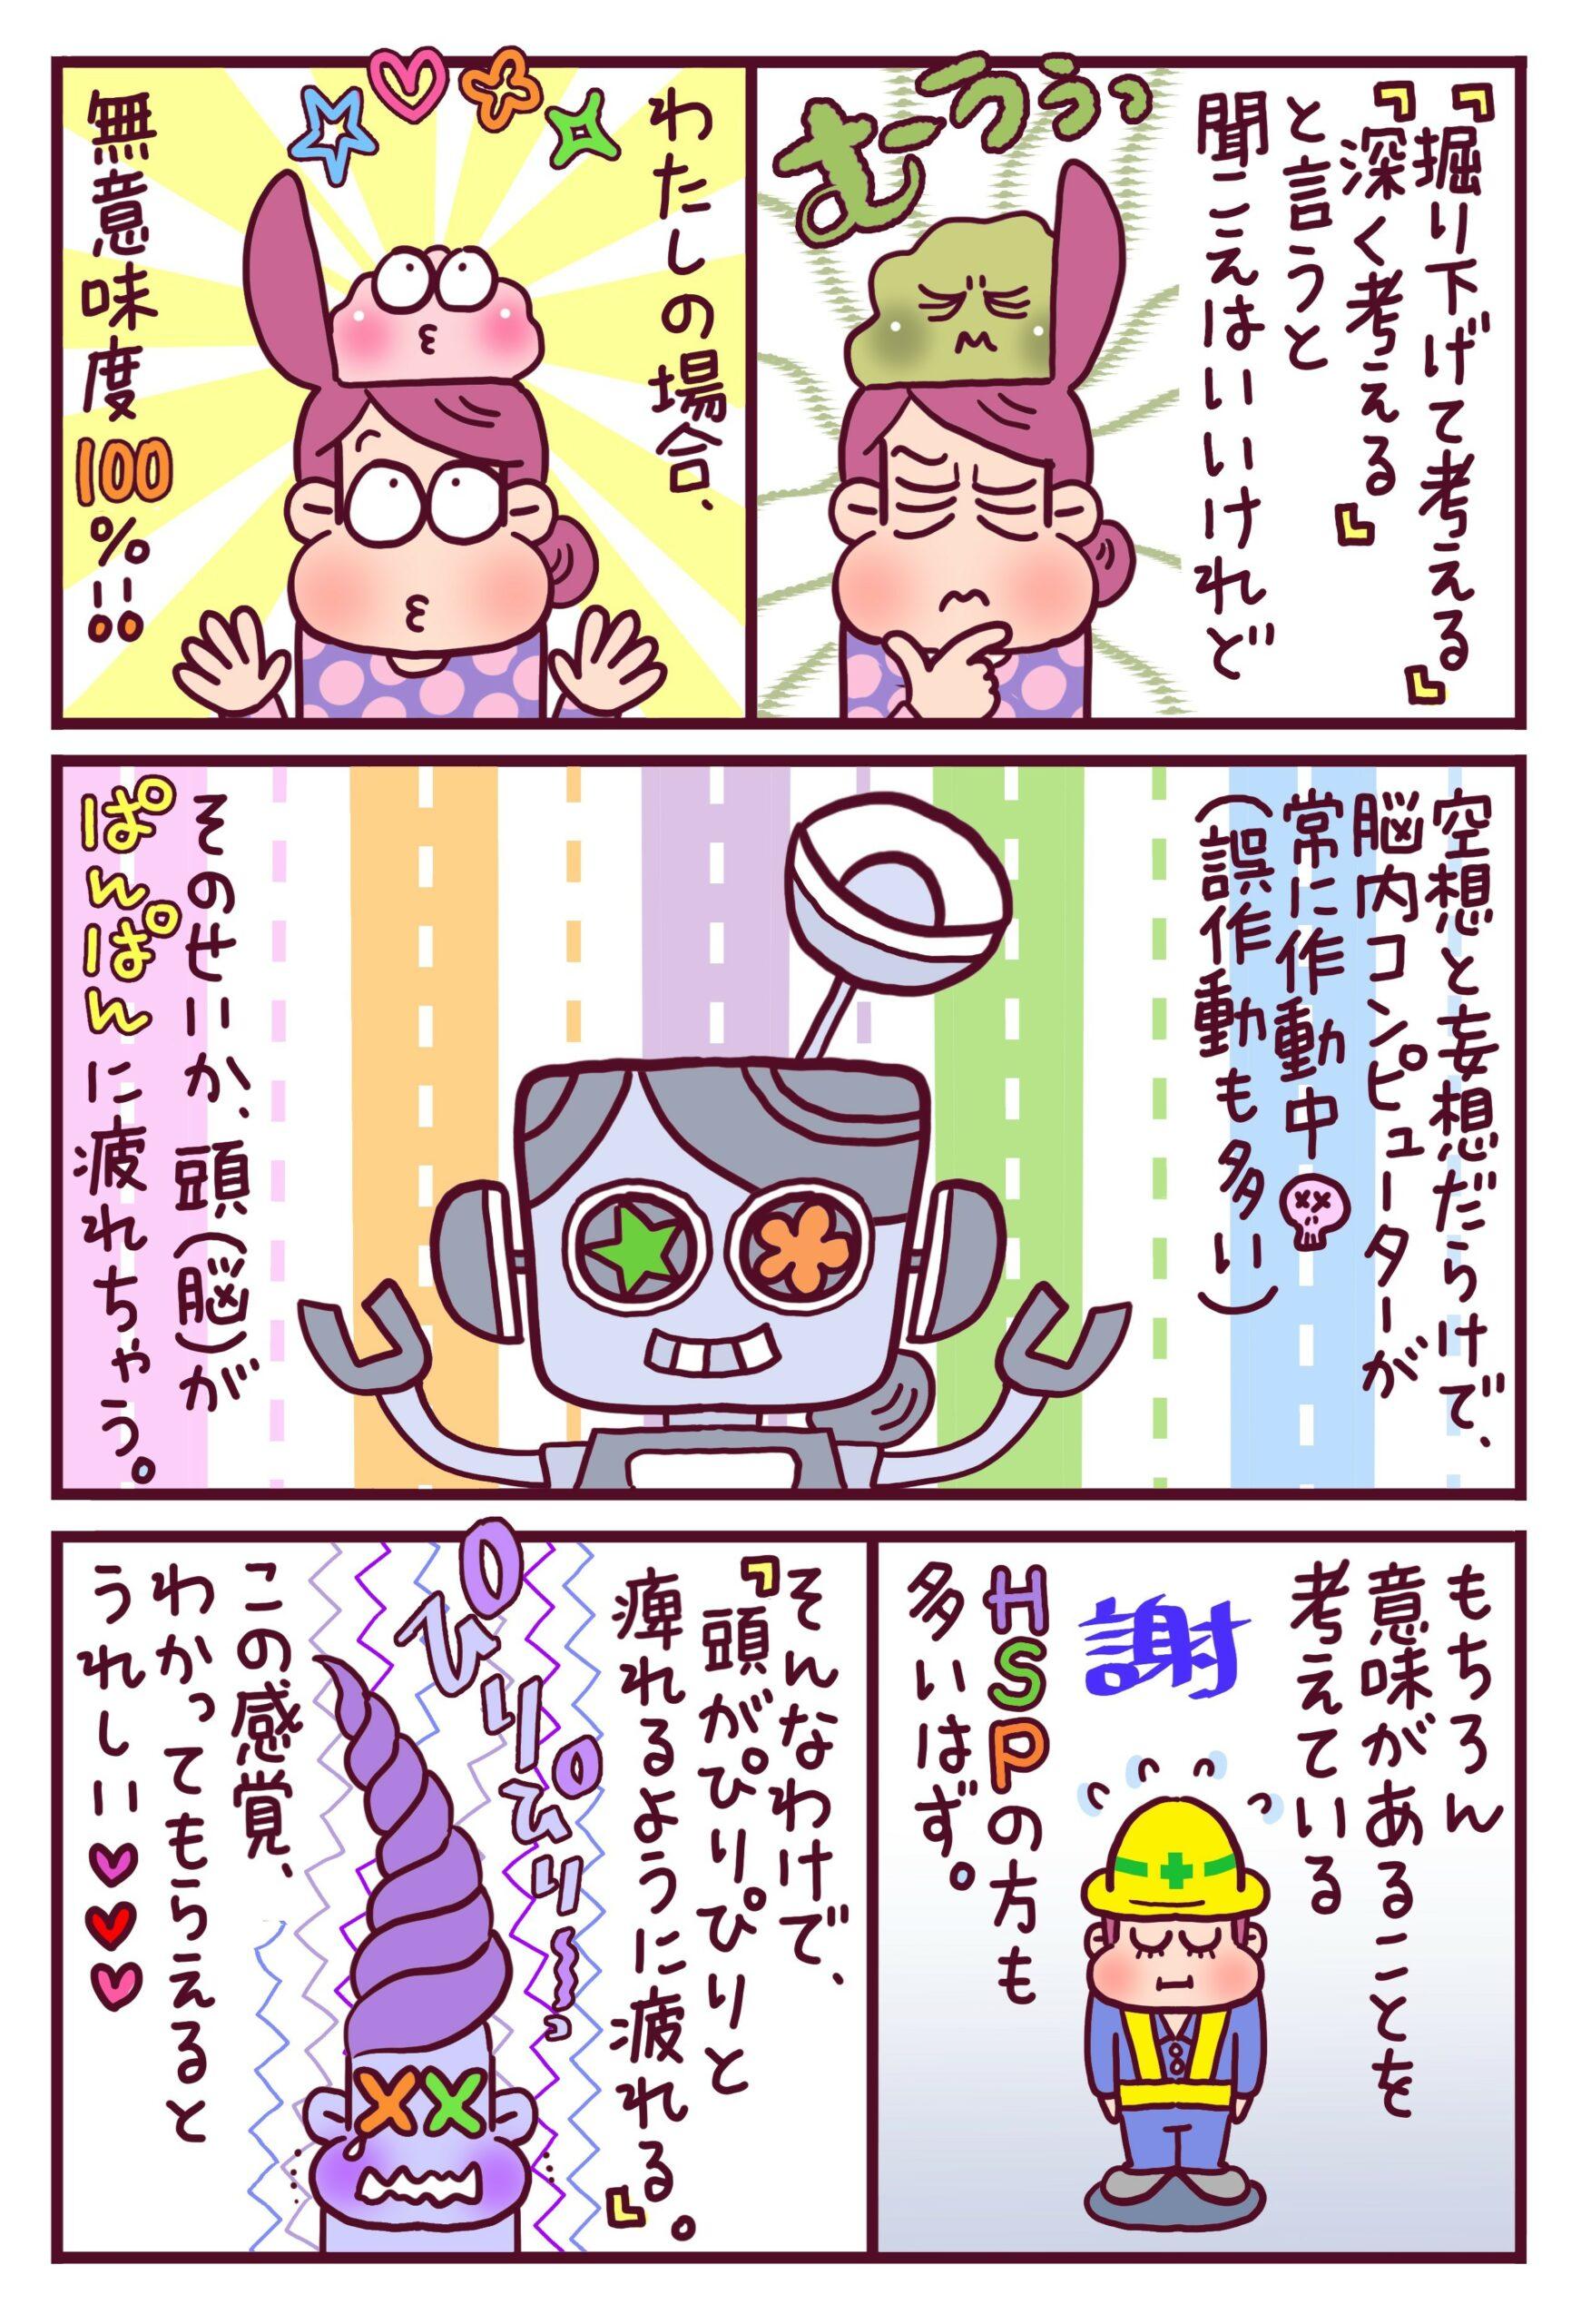 【制作中の新刊公開!】目の前にミカンがあると、HSPは何を考える?(by 高野優)の画像2